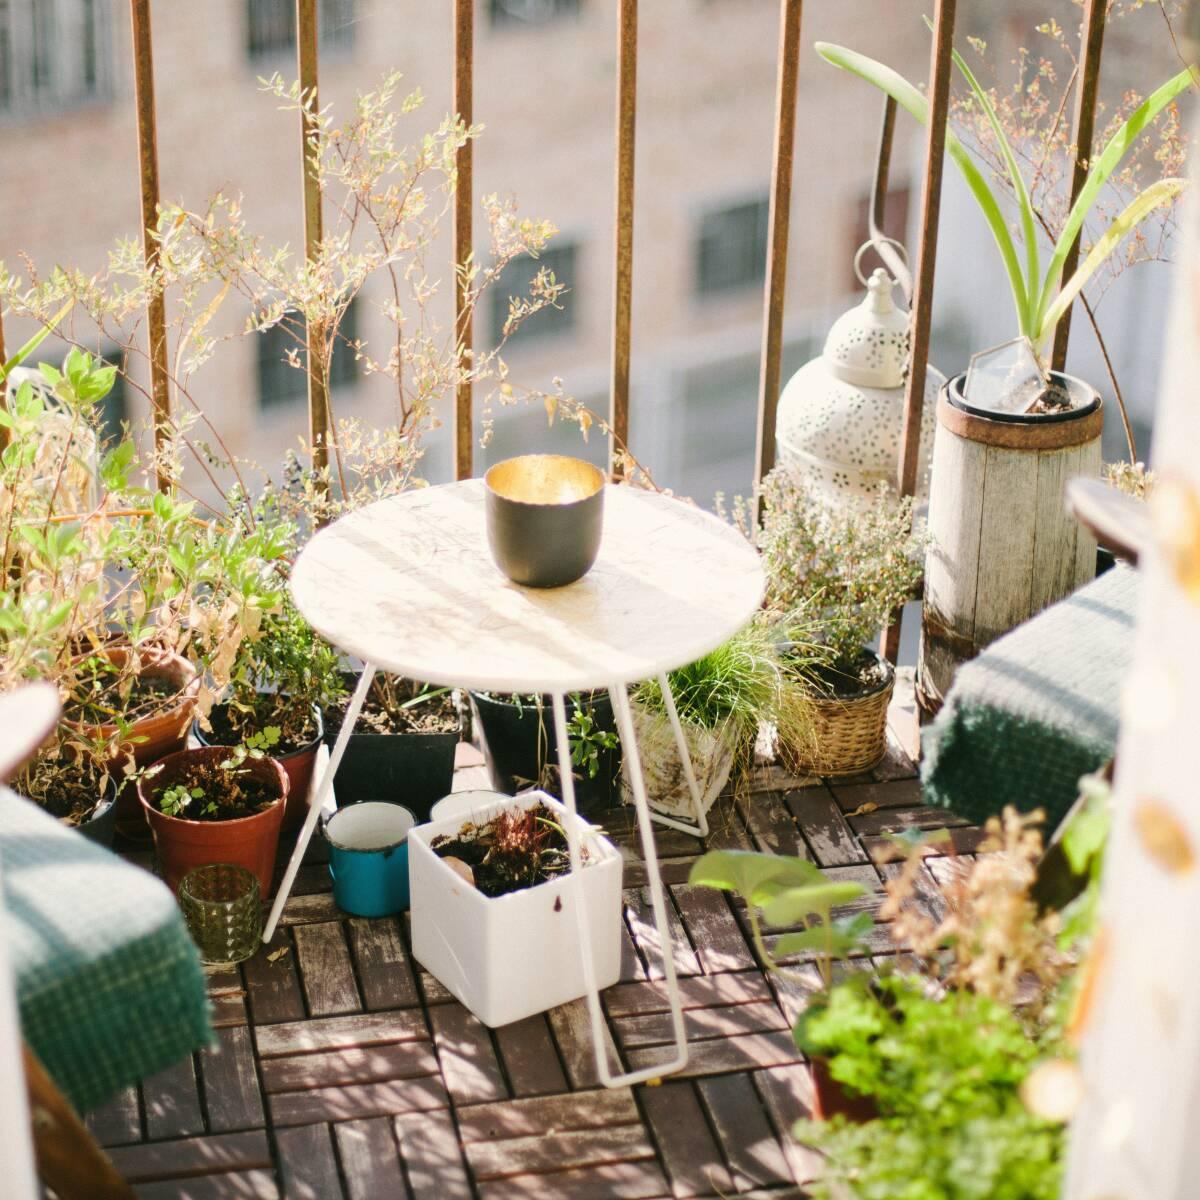 Gemüse Auf Dem Balkon Anbauen Tipps Sevencooks